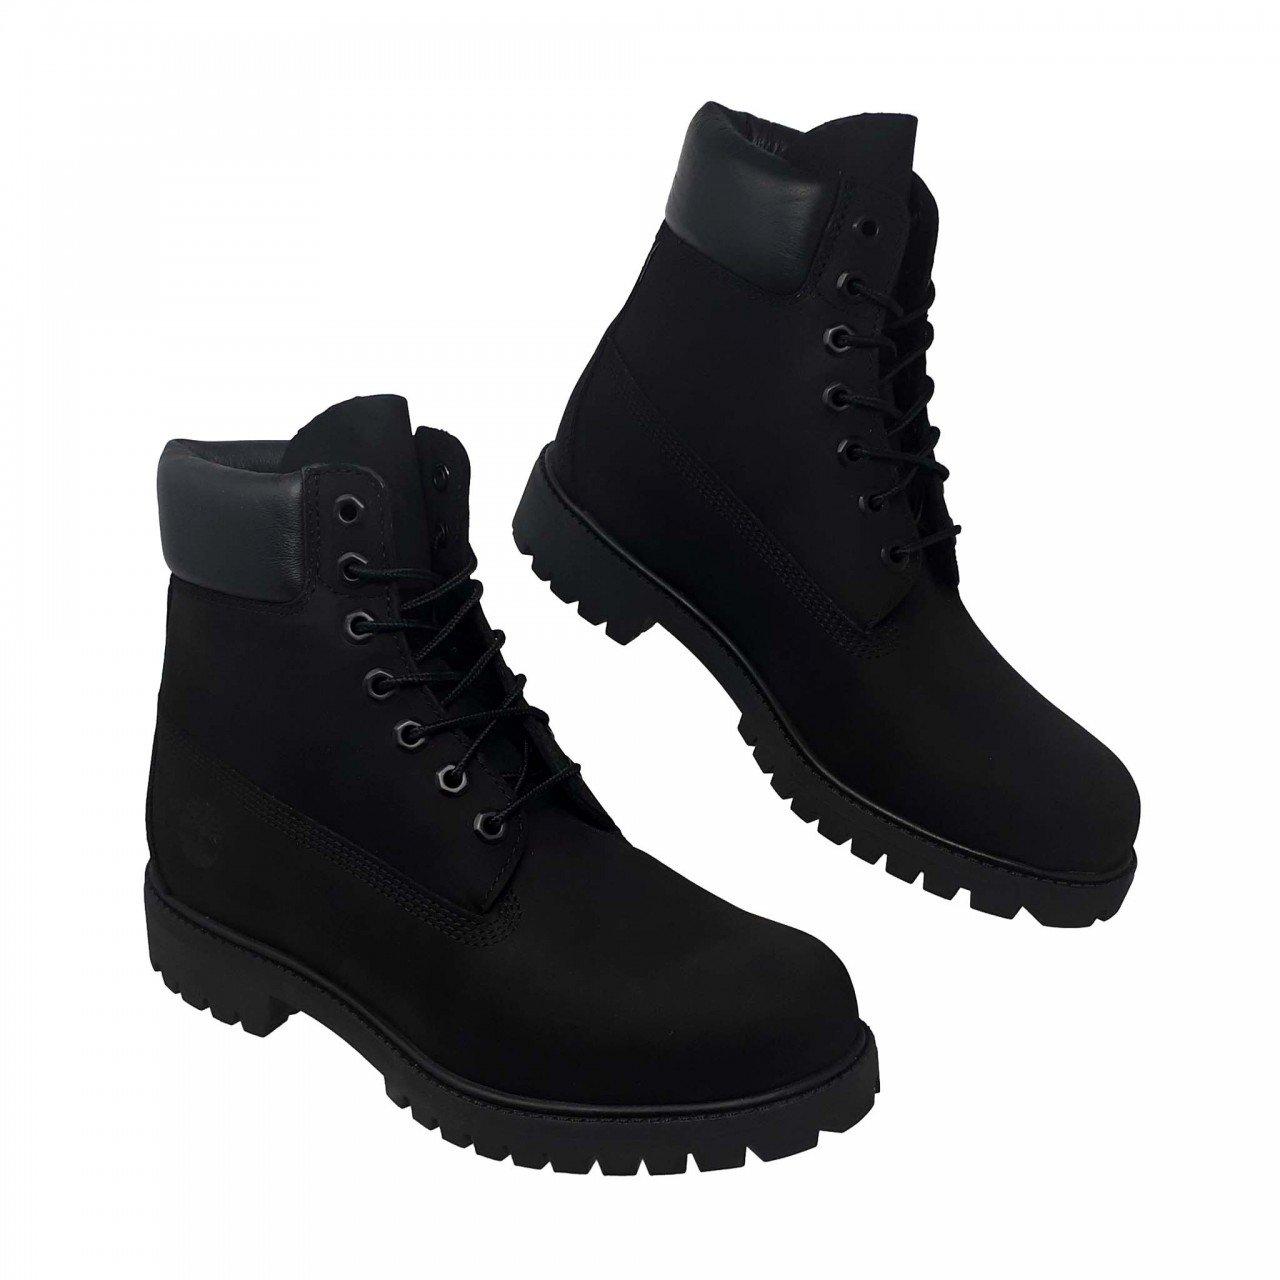 Botin clásico negro waterproof para hombre Timberland 10073